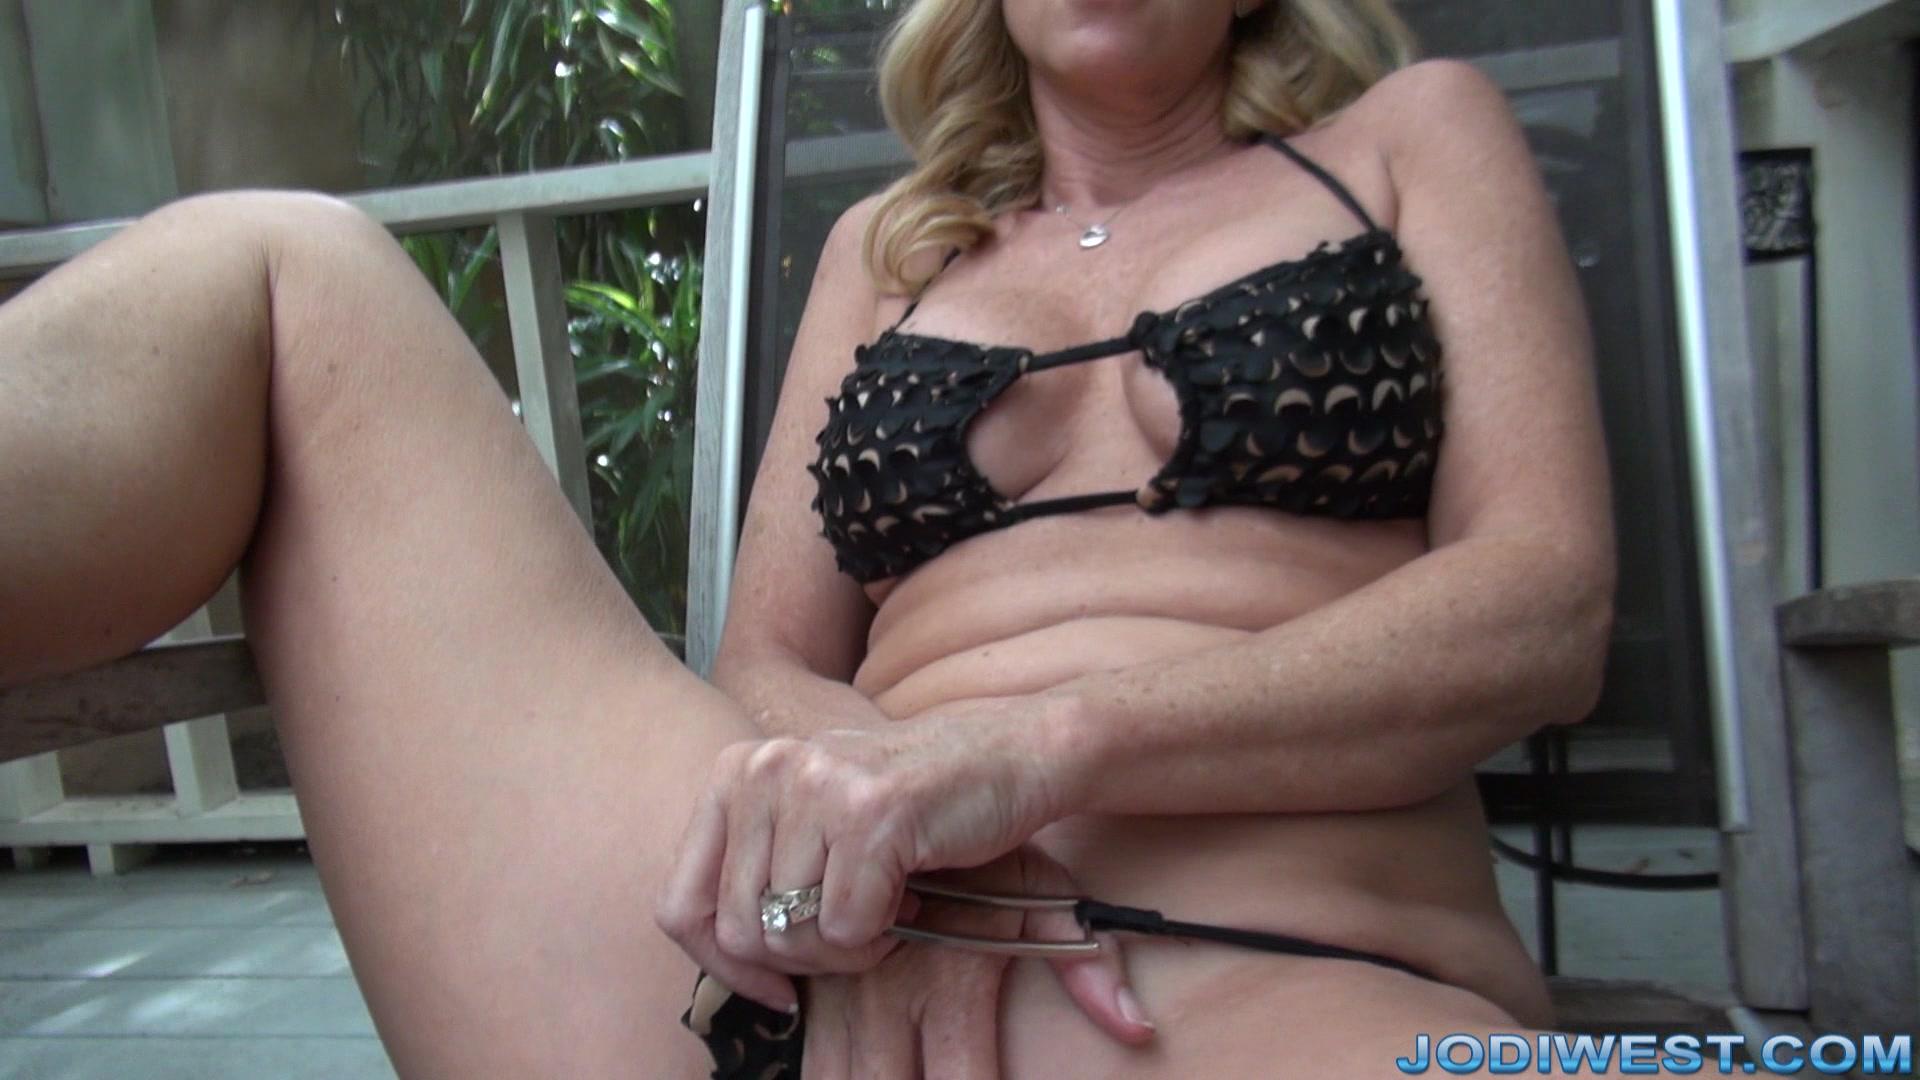 Female masturbation caught in the act